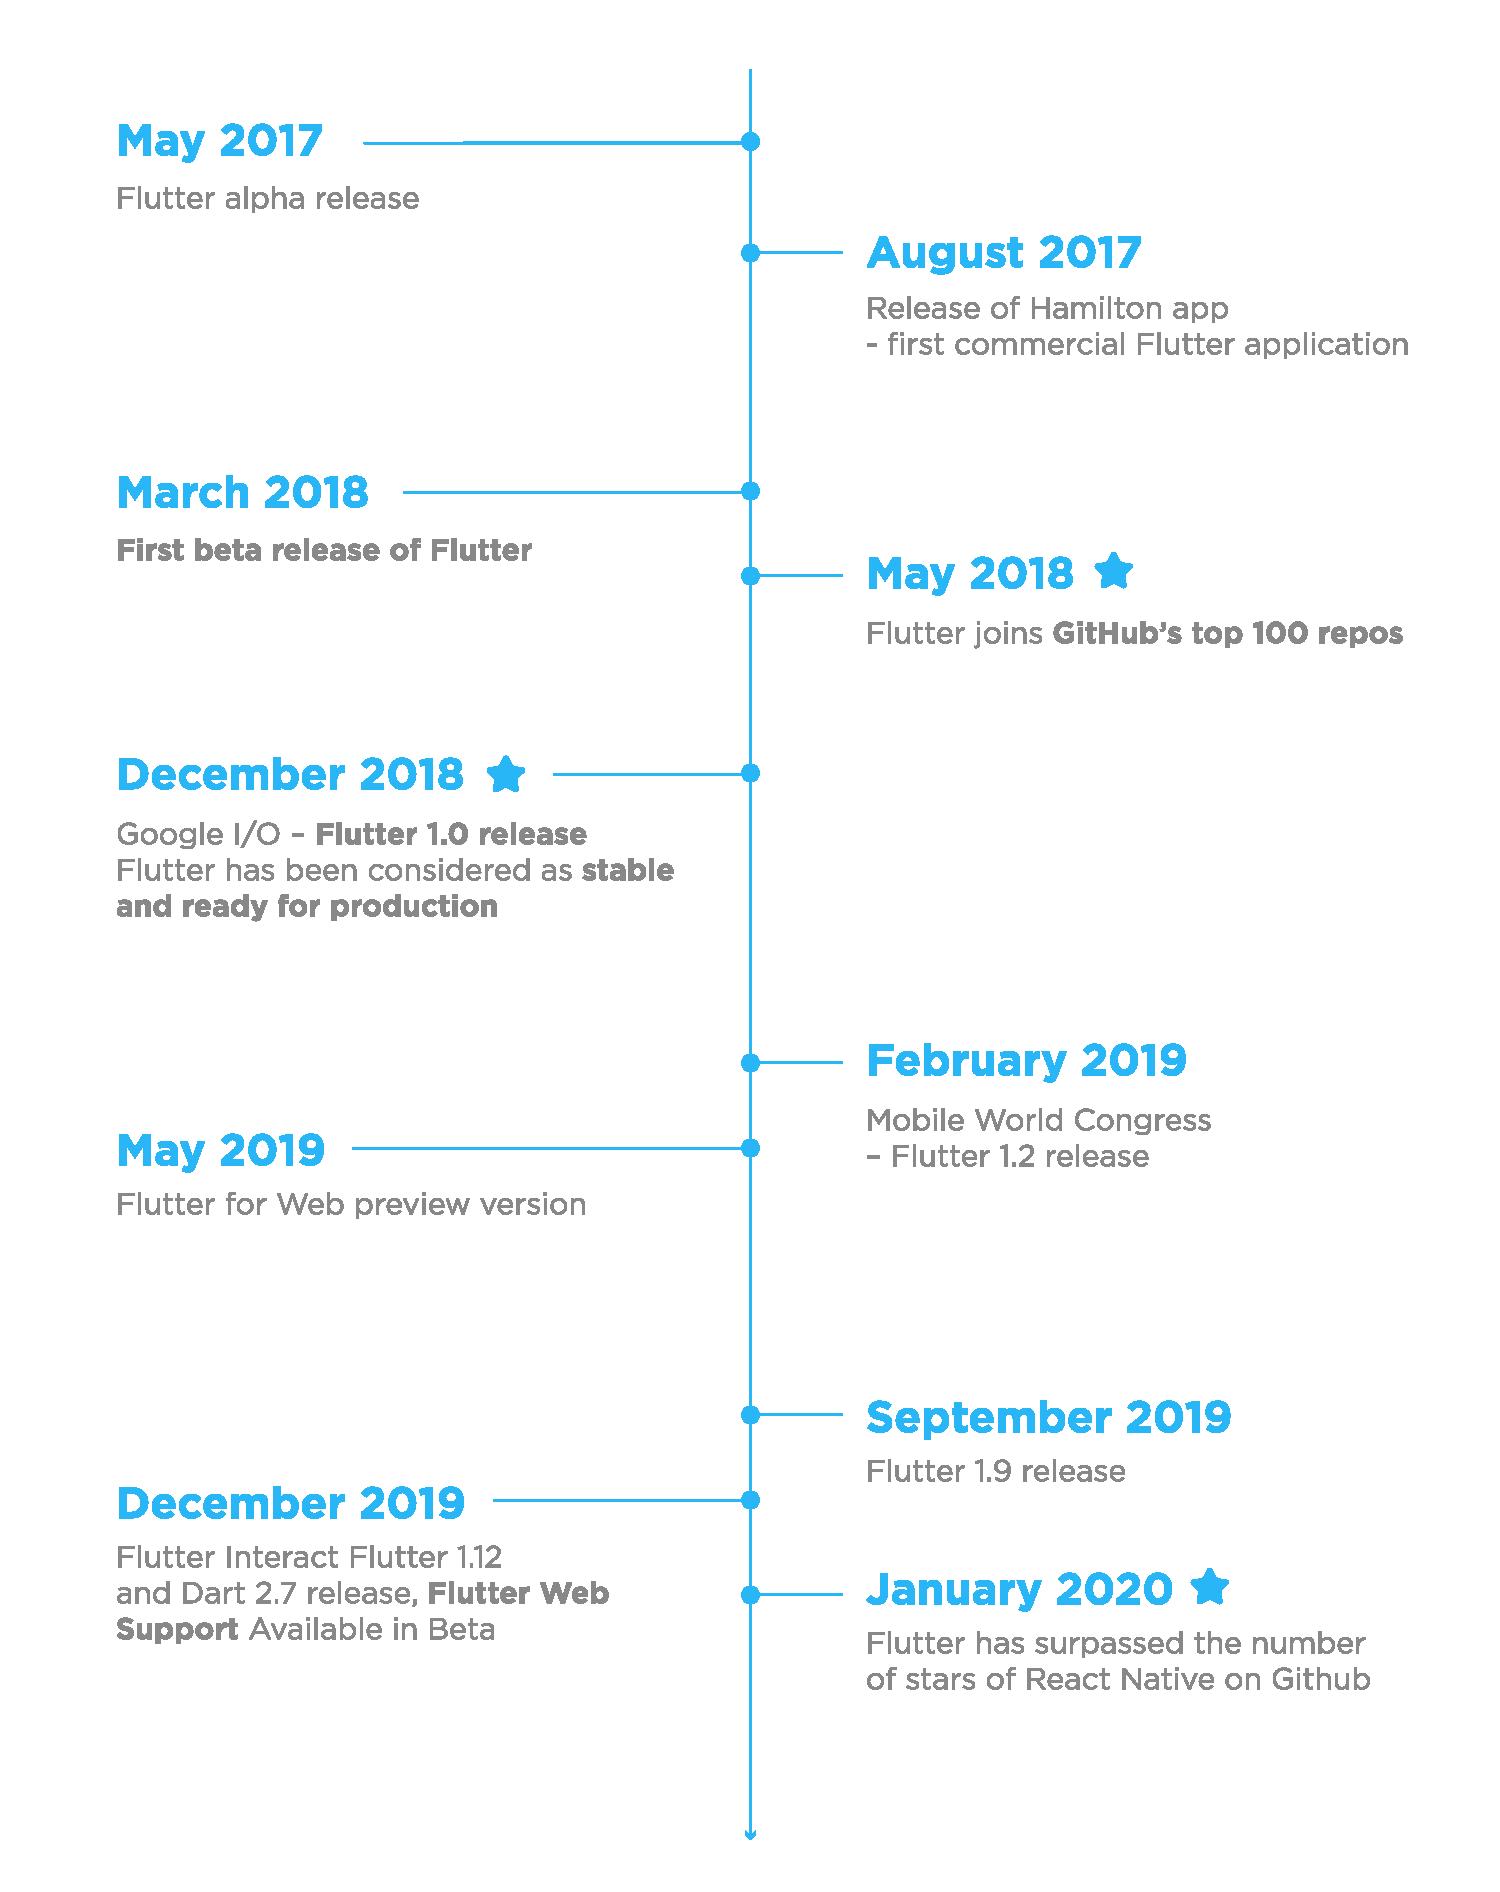 Lịch sử hình thành của Flutter